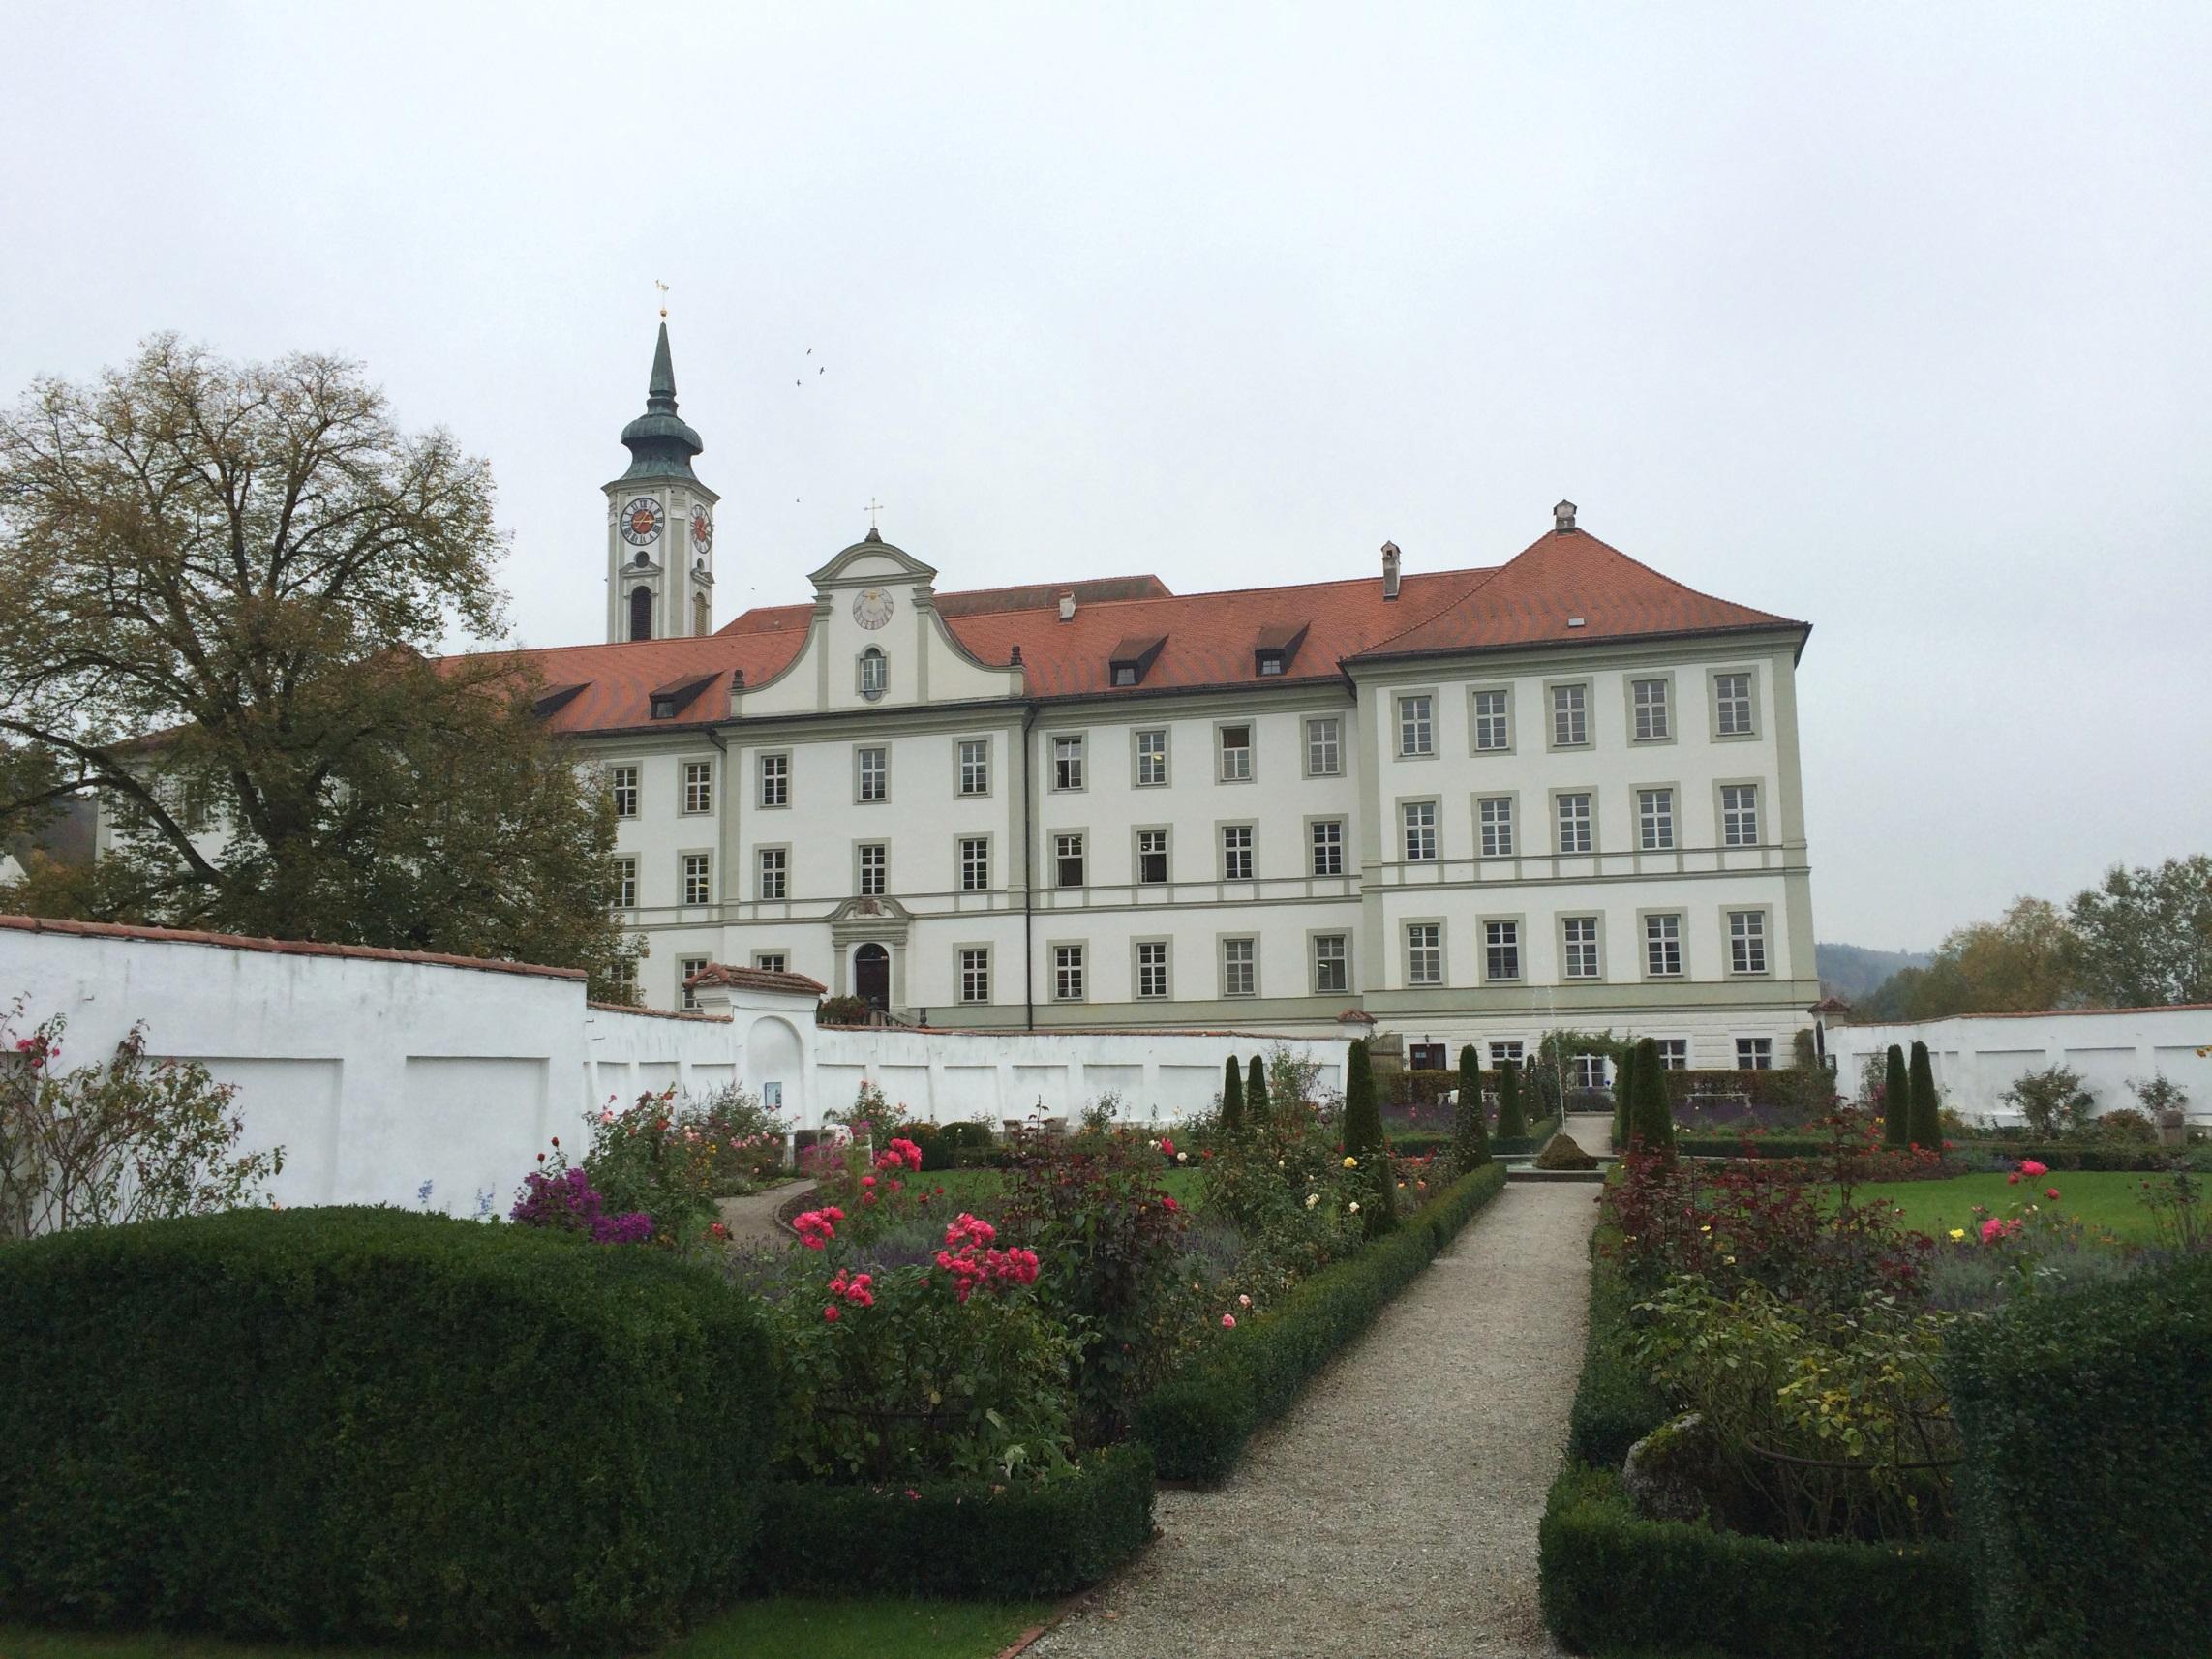 修道院の塔と、その手前のギムナジウムと庭園。